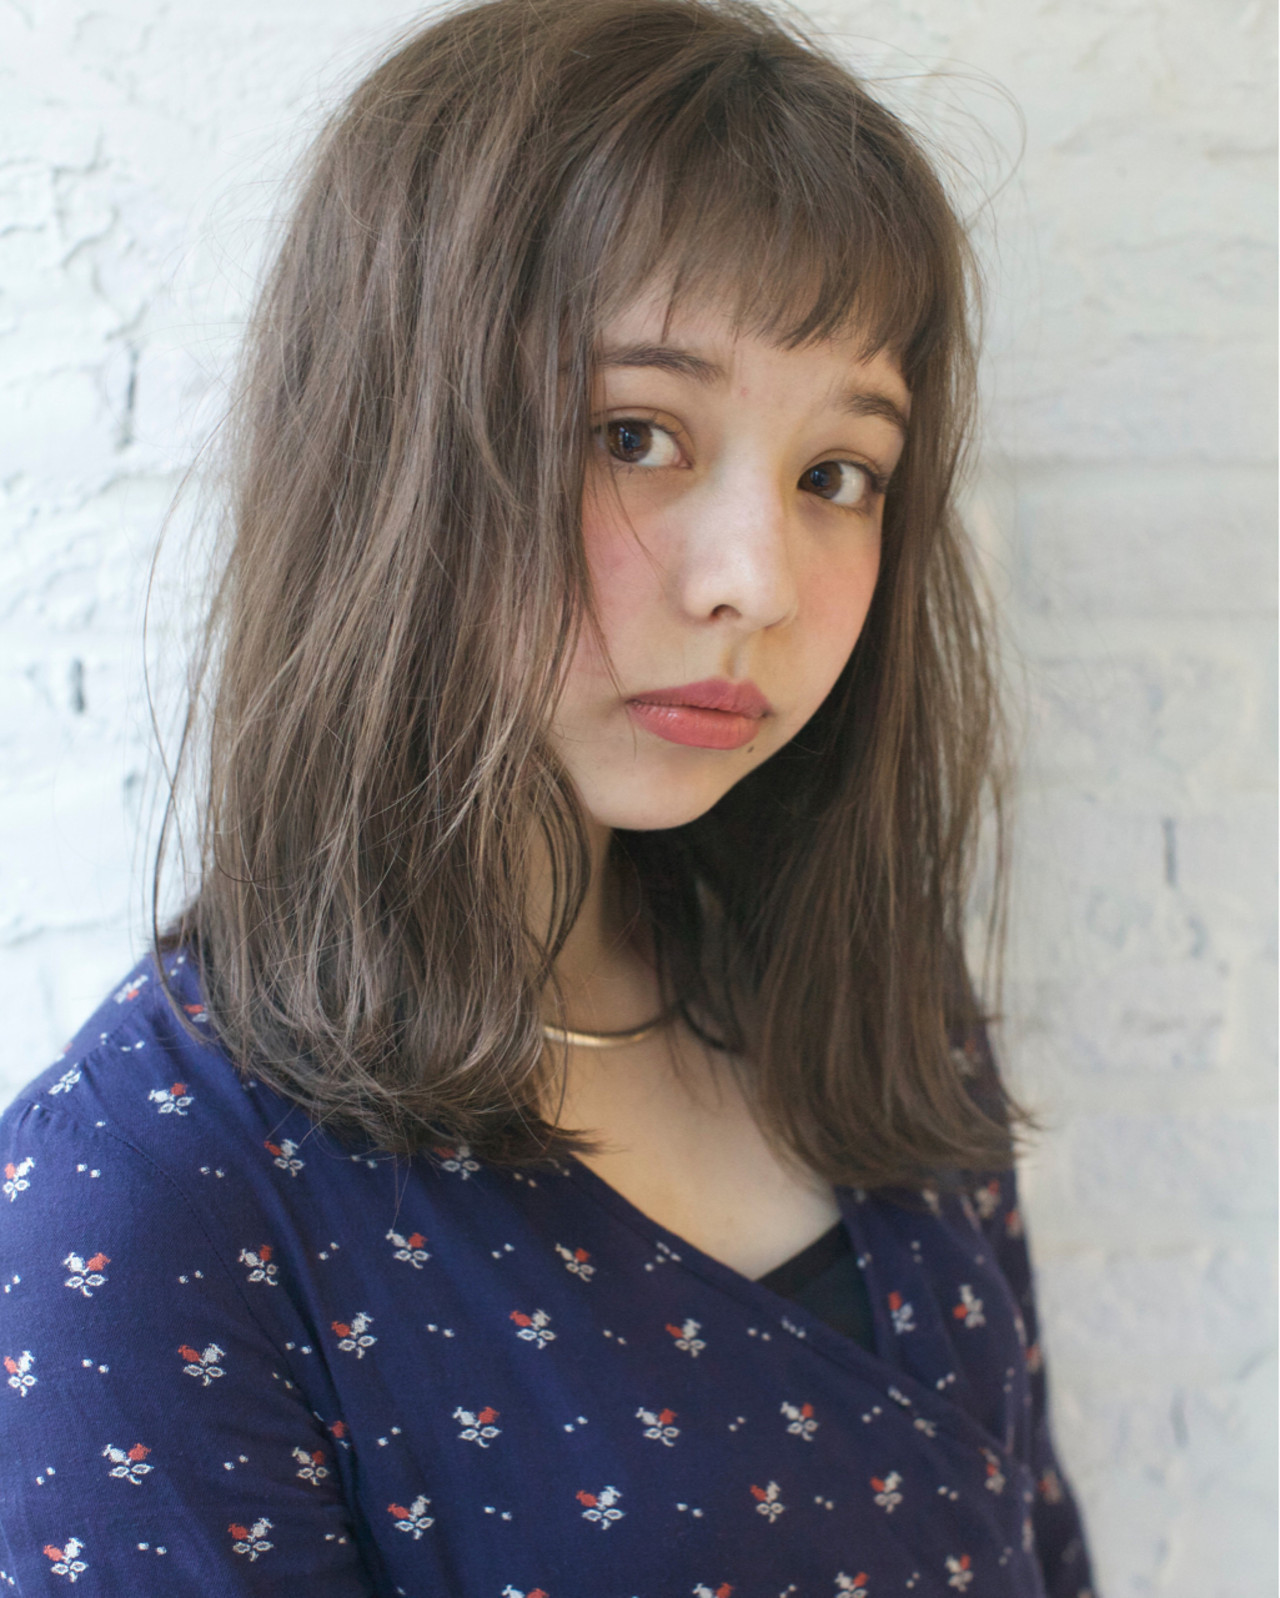 オン眉で印象チェンジ♡丸顔さんも似合うおすすめヘアスタイル紹介の25枚目の画像